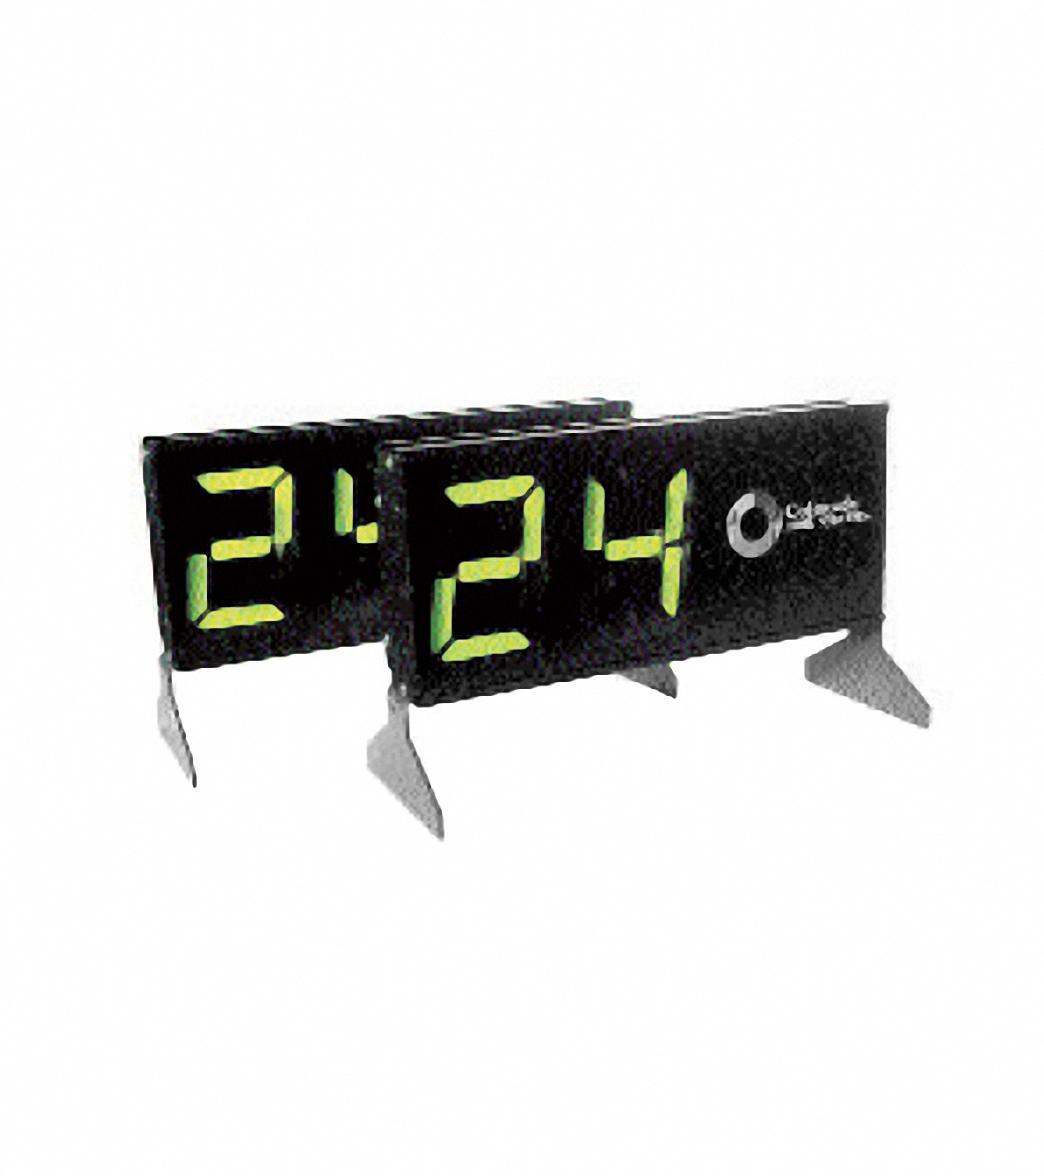 Colorado Portable Water Polo Shot Clocks At Swimoutlet Com